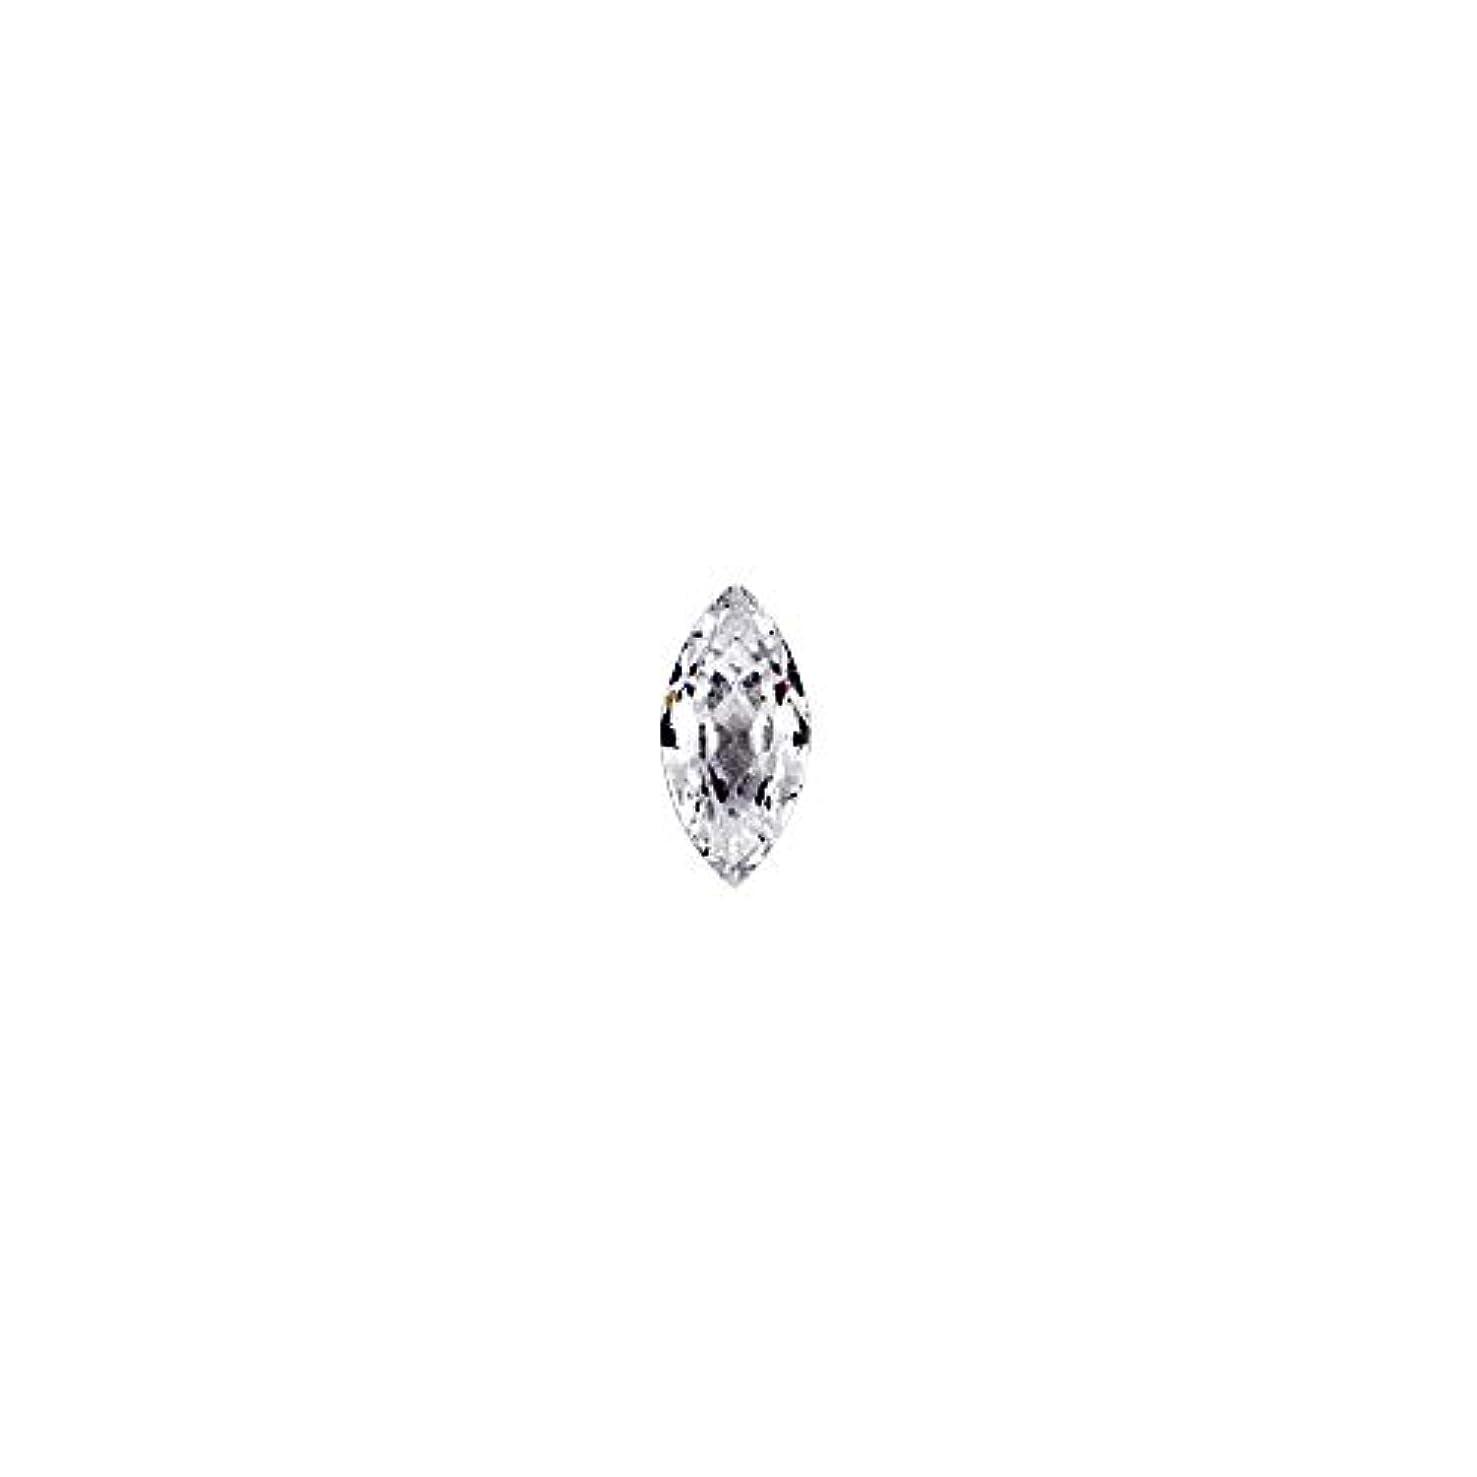 壮大なペーストスリップラインストーン ジルコニア製 グロッシーストーン【 2.5mm×5mm 】10個入りネイルパーツ ストーン クリスタル Vカット ジュエリー リーフ 模造ダイヤモンド